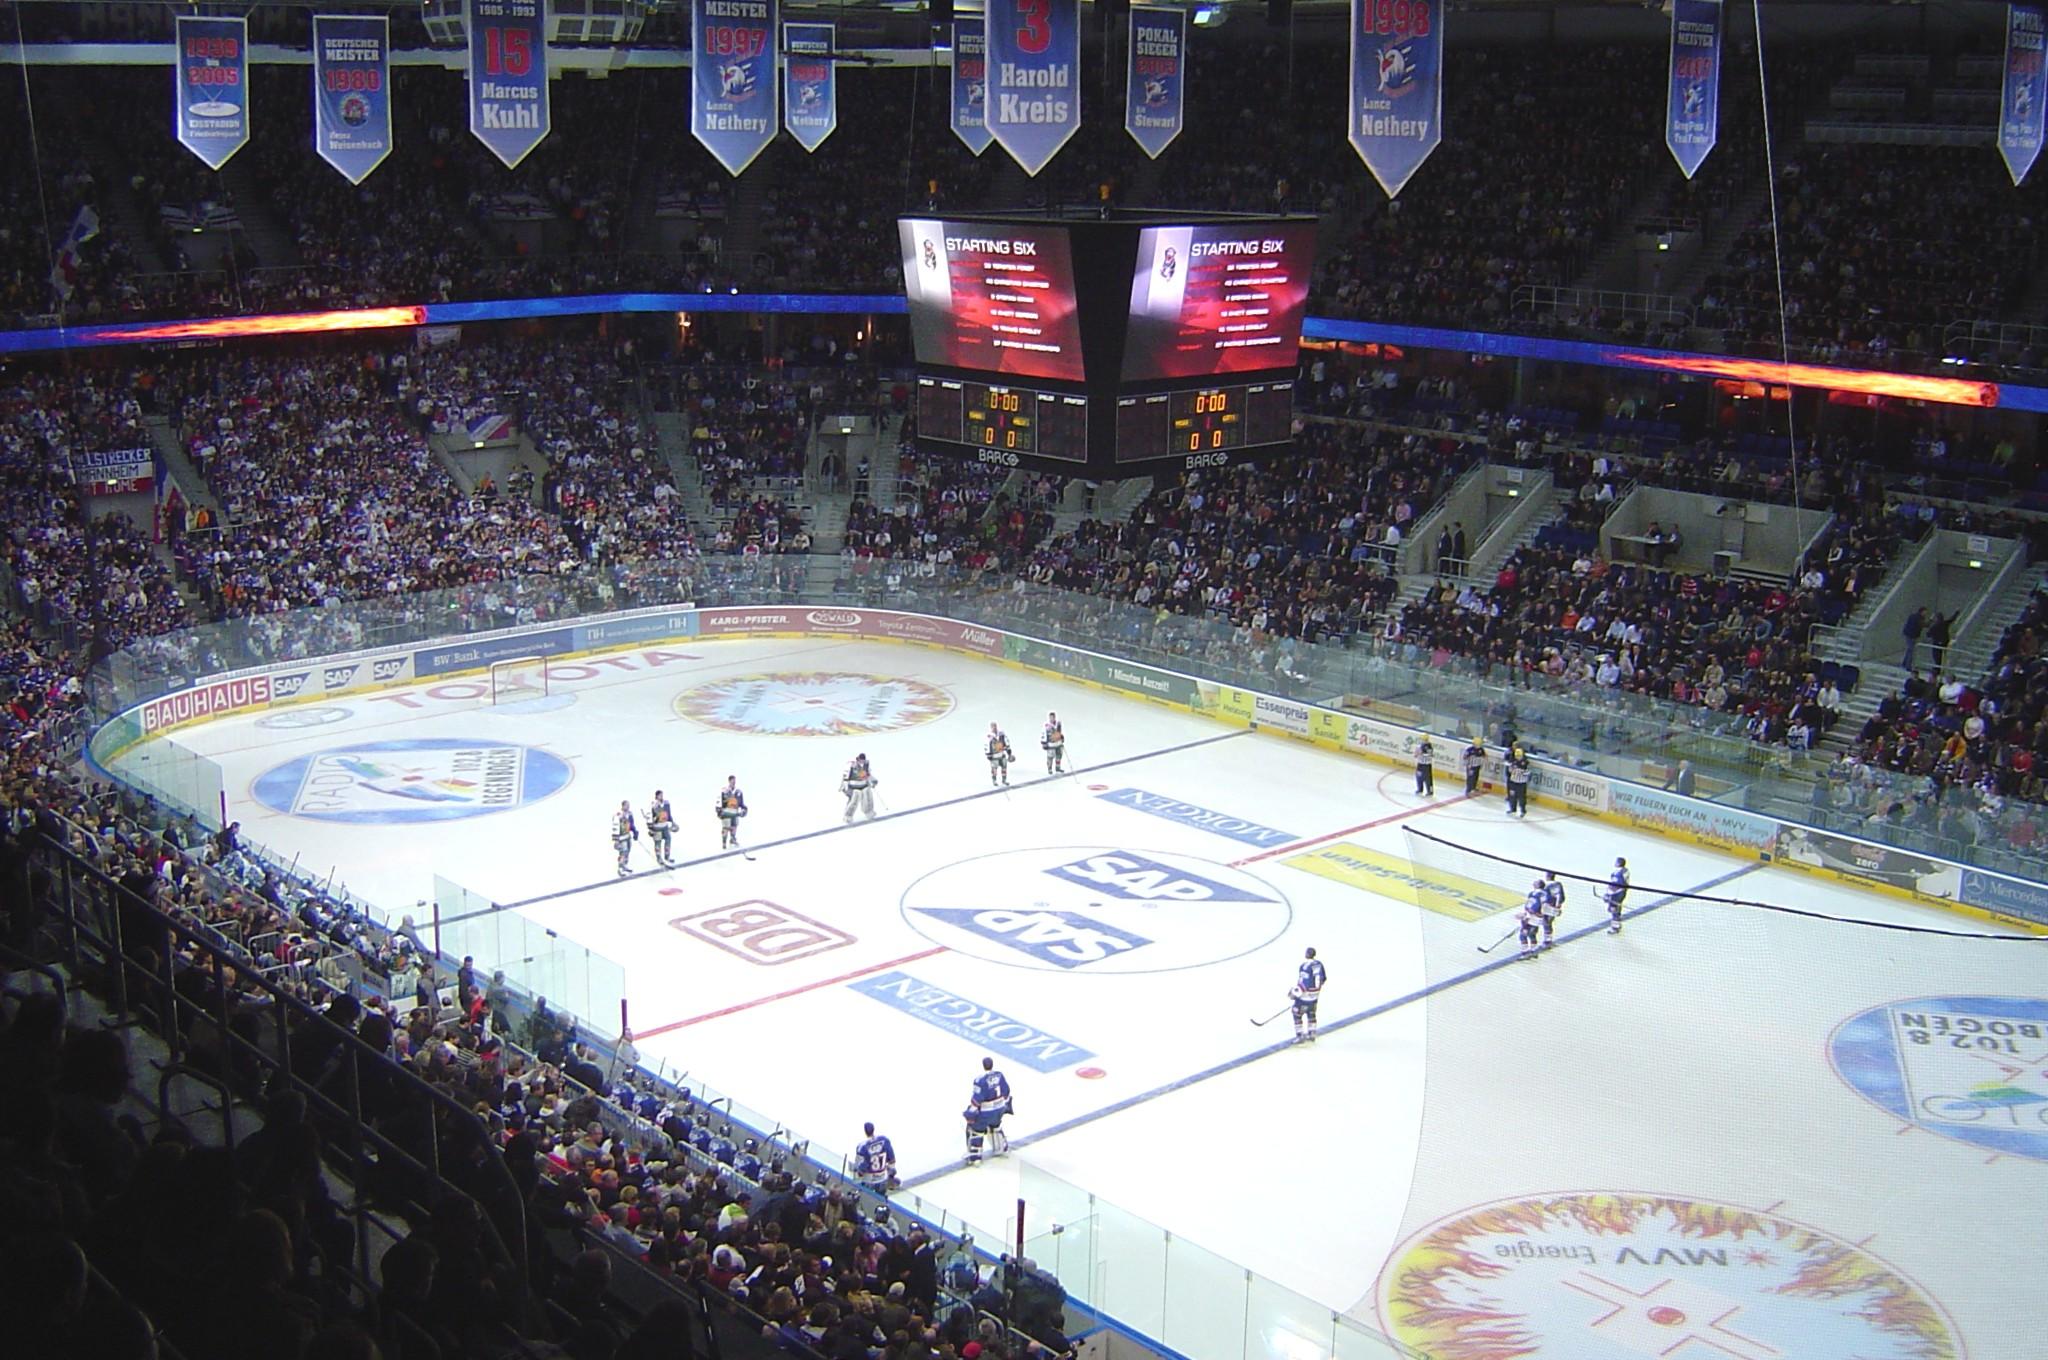 La SAP arena di Mannheim: con 13.600 posti, le Aquile fanno il tutto esaurito ad ogni partita